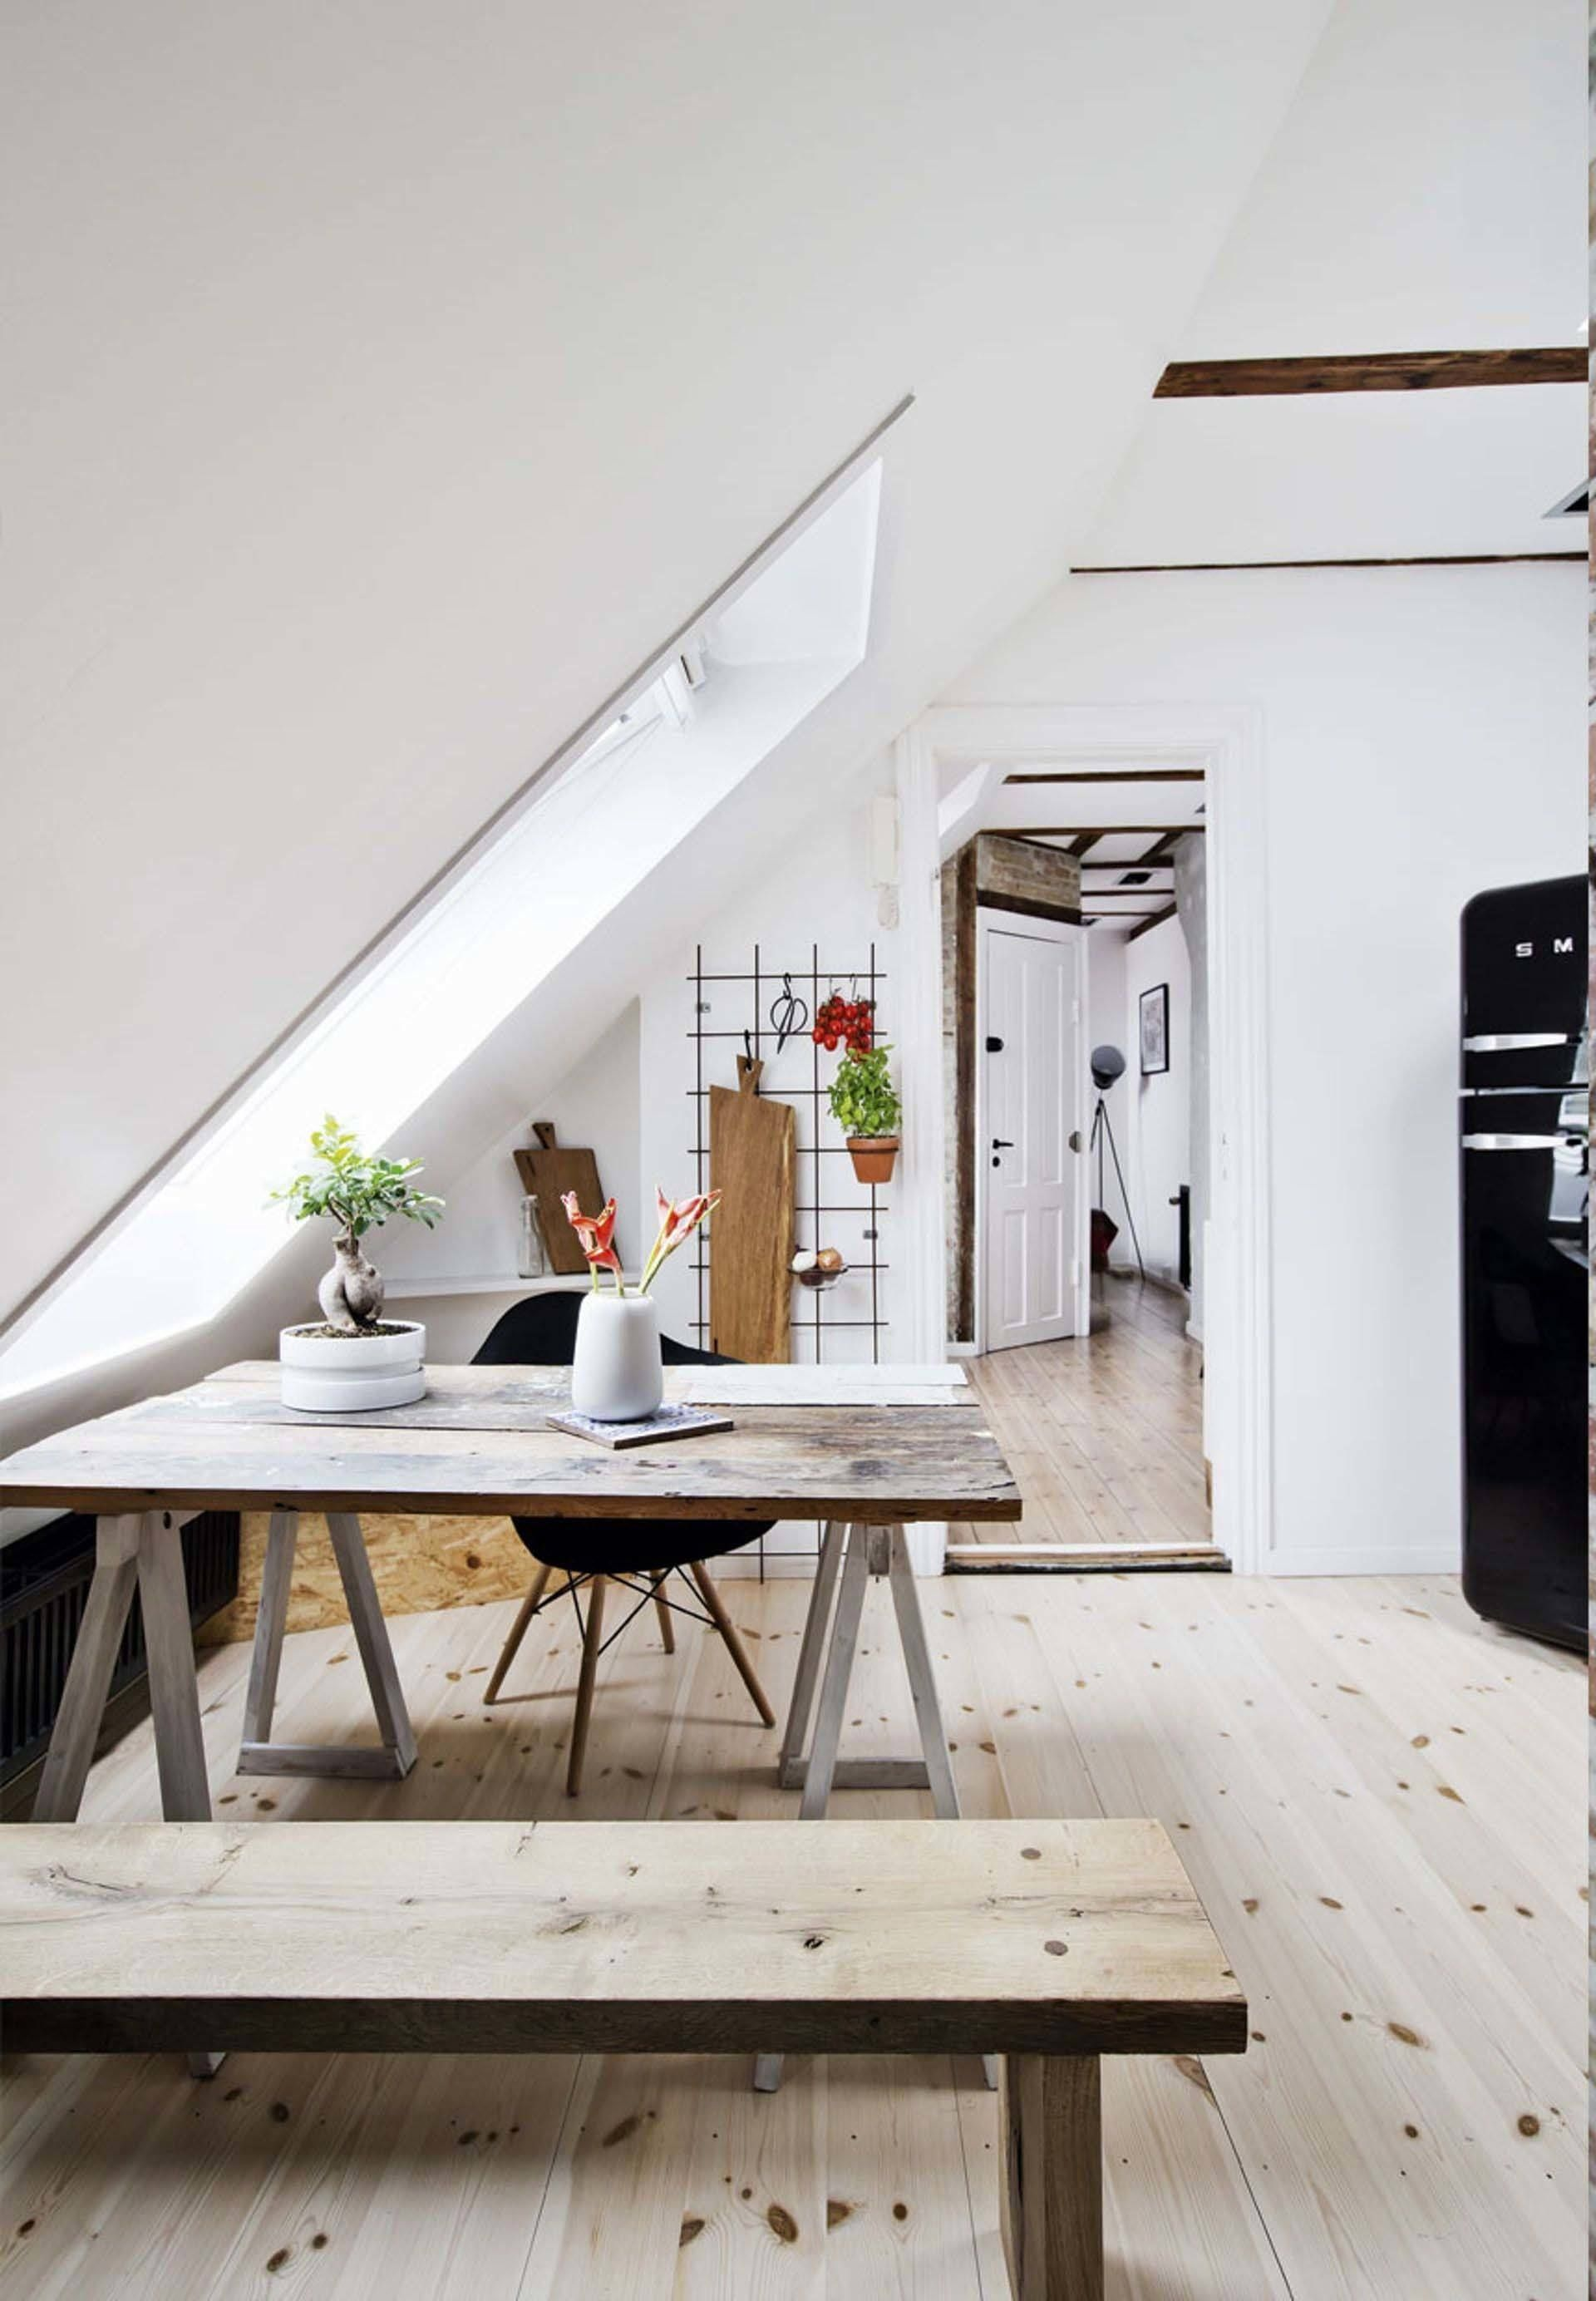 Wohnzimmerstil 2018 maskuline stil pad mit einer dachstange in kopenhagen  wohnungen